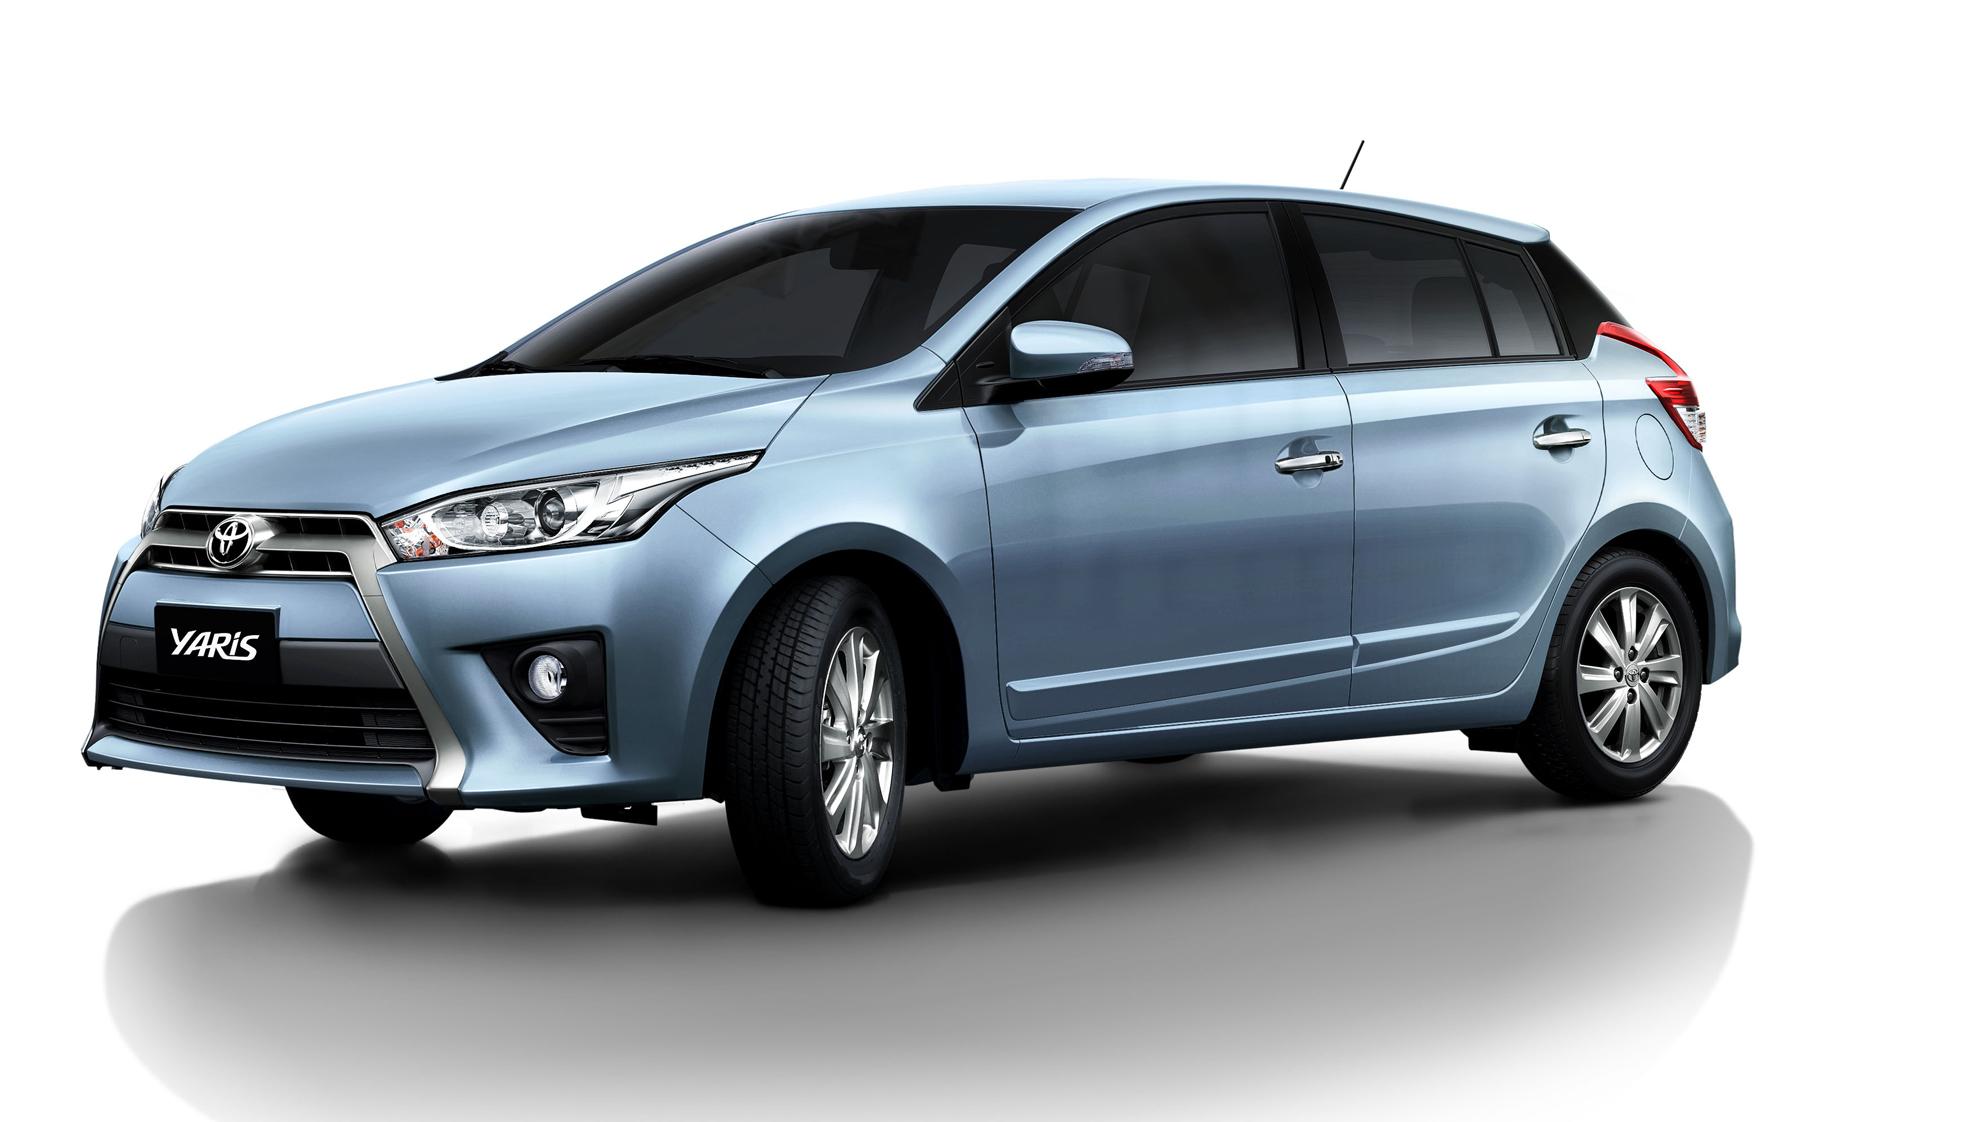 Toyota Yaris với thiết kế gọn nhỏ, tinh tế.